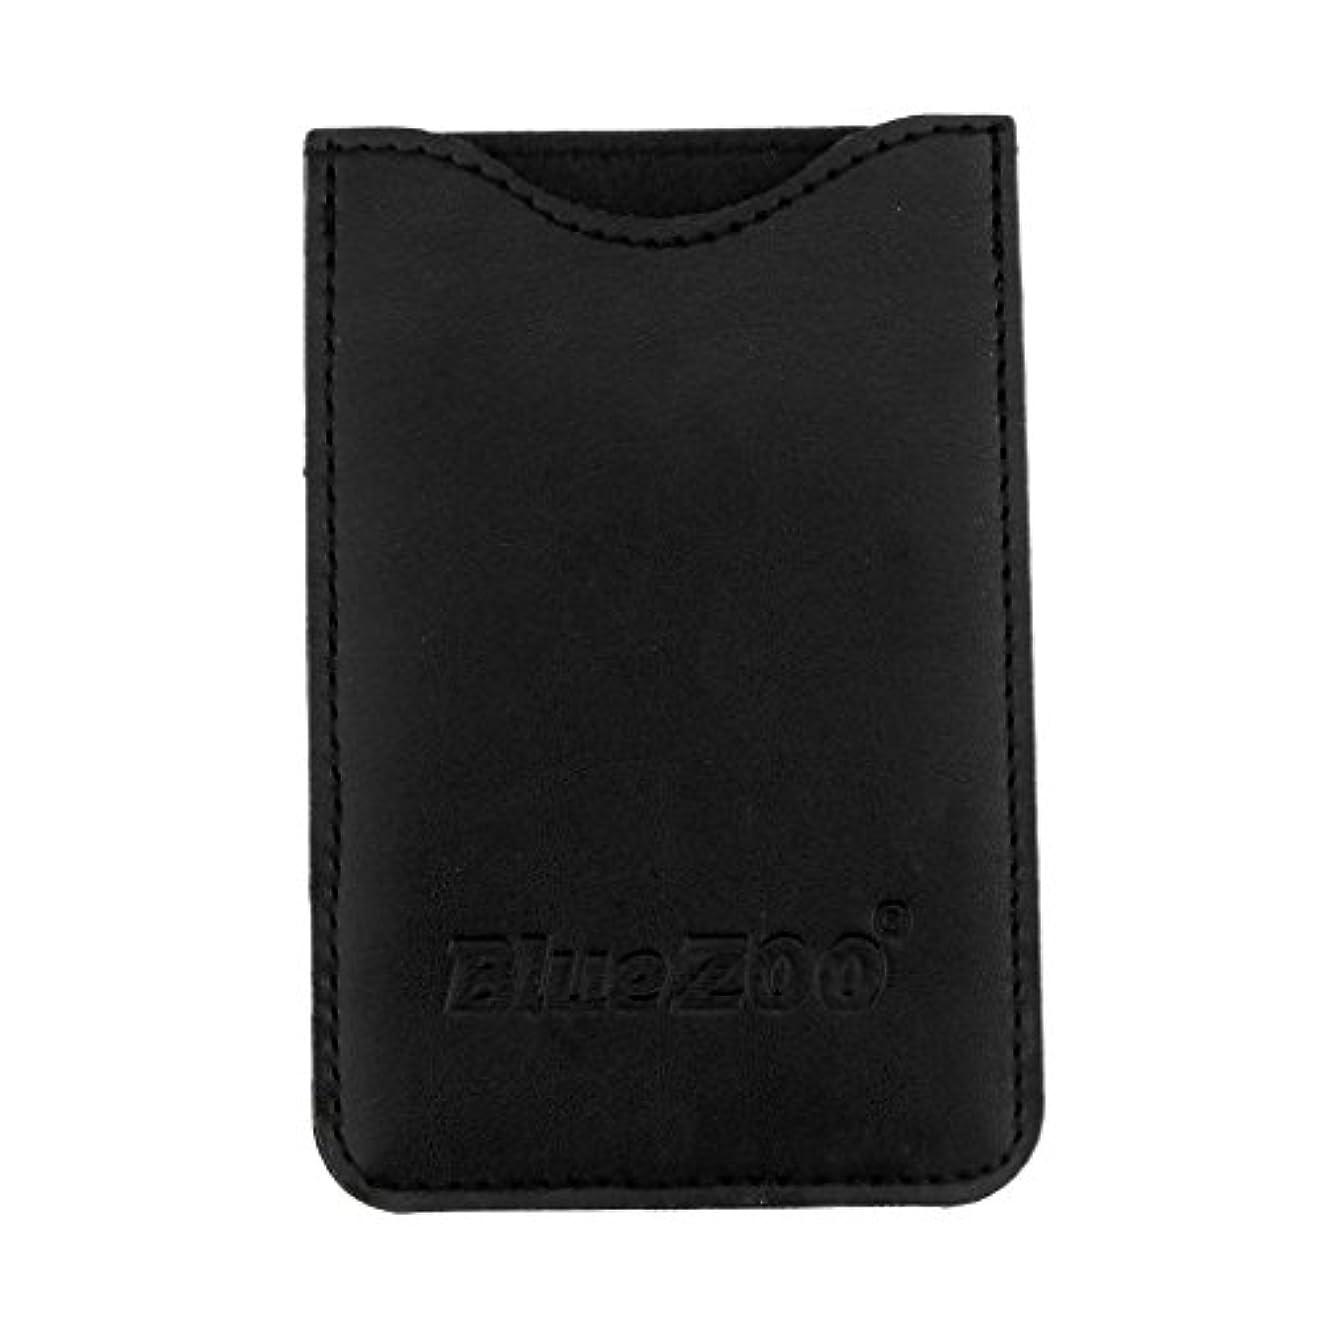 殺す肌寒い充実Toygogo PUレザー ポケット コームバッグ 櫛バッグ 収納パック 保護カバー 柔らかい 全2色 - ブラック